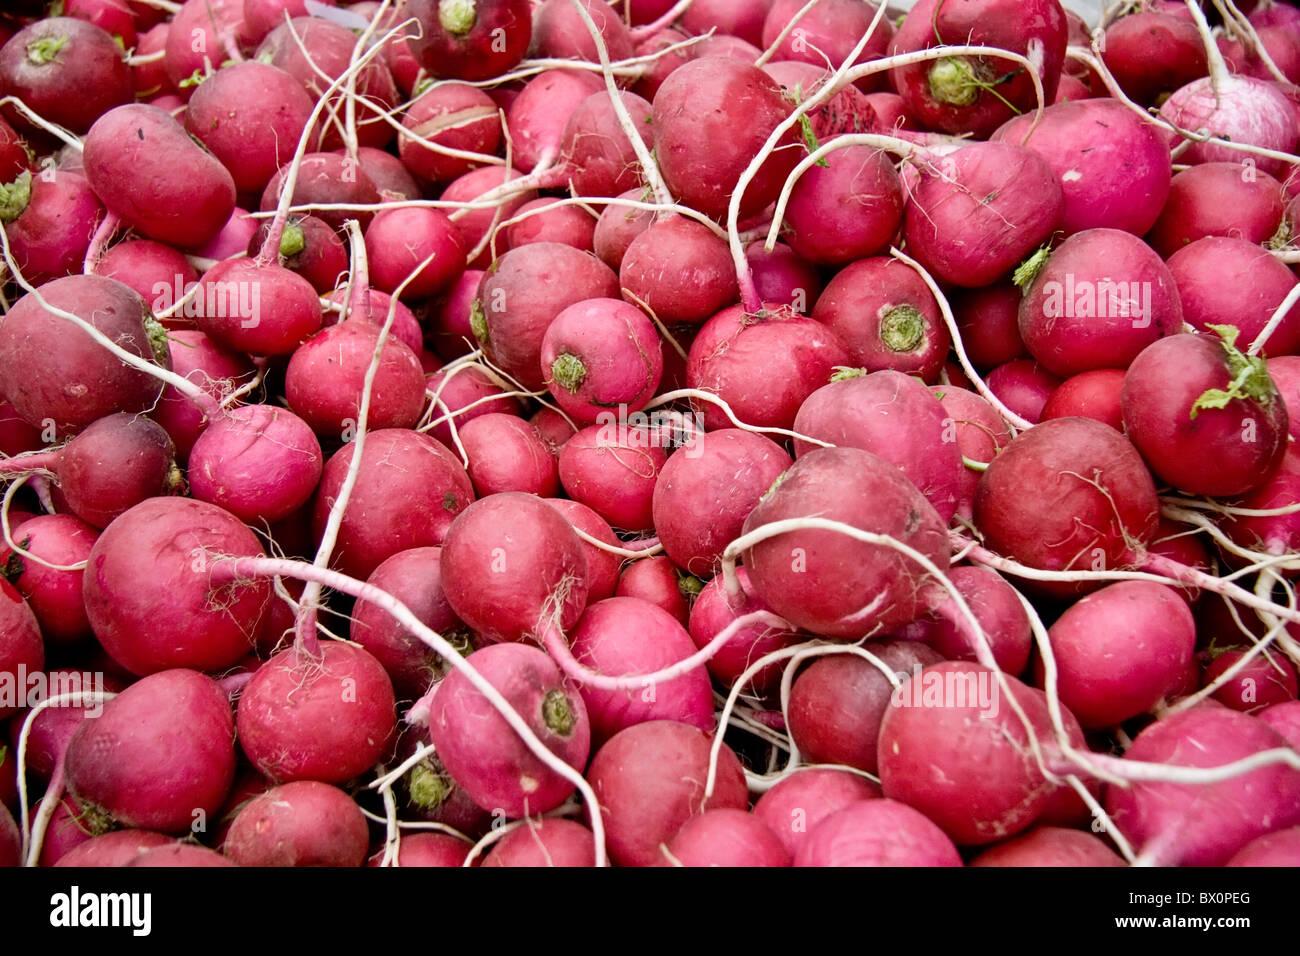 Haufen Von Reif Radieschen Turnips An A Straßenmarkt In Istanbul